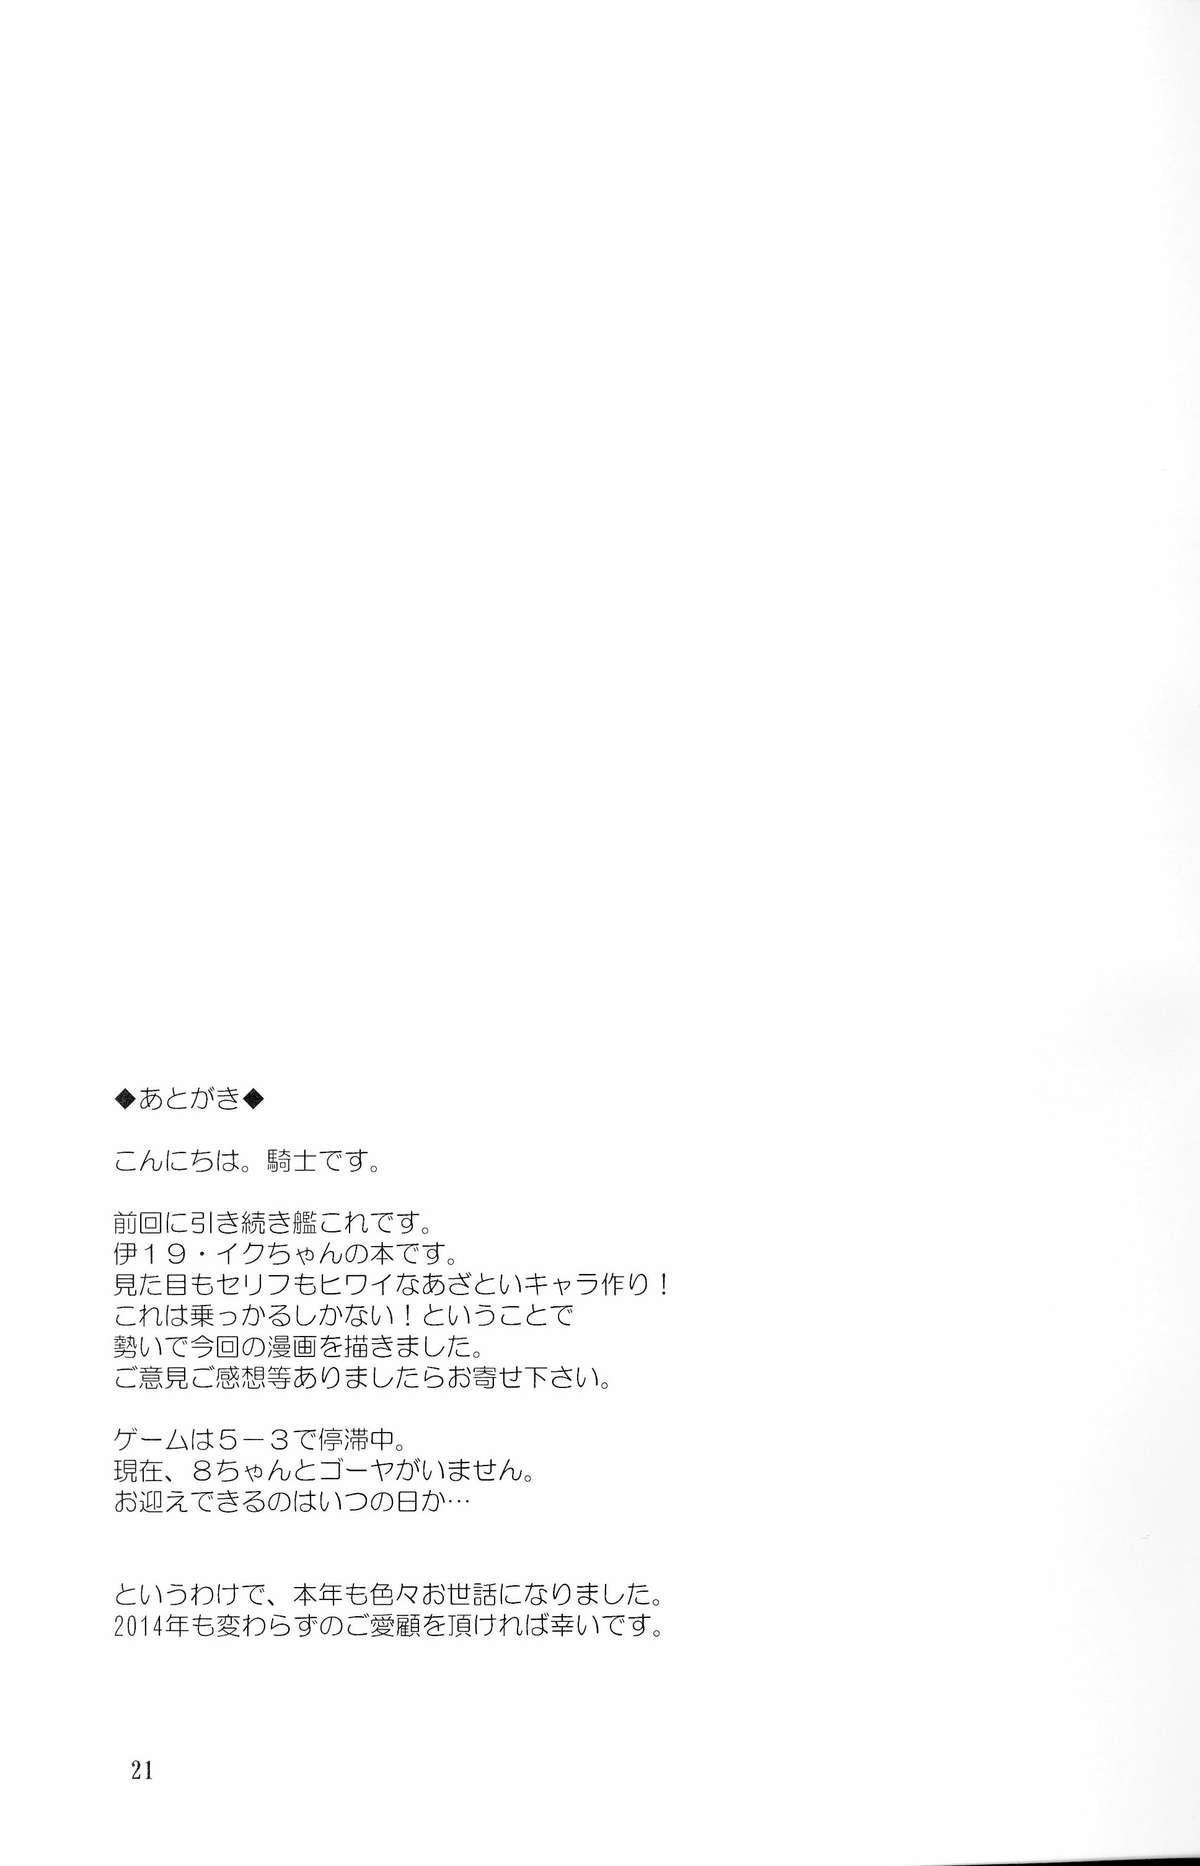 Teitoku wa Nani wo shitemo Okoranai kara Daisuki nano 19